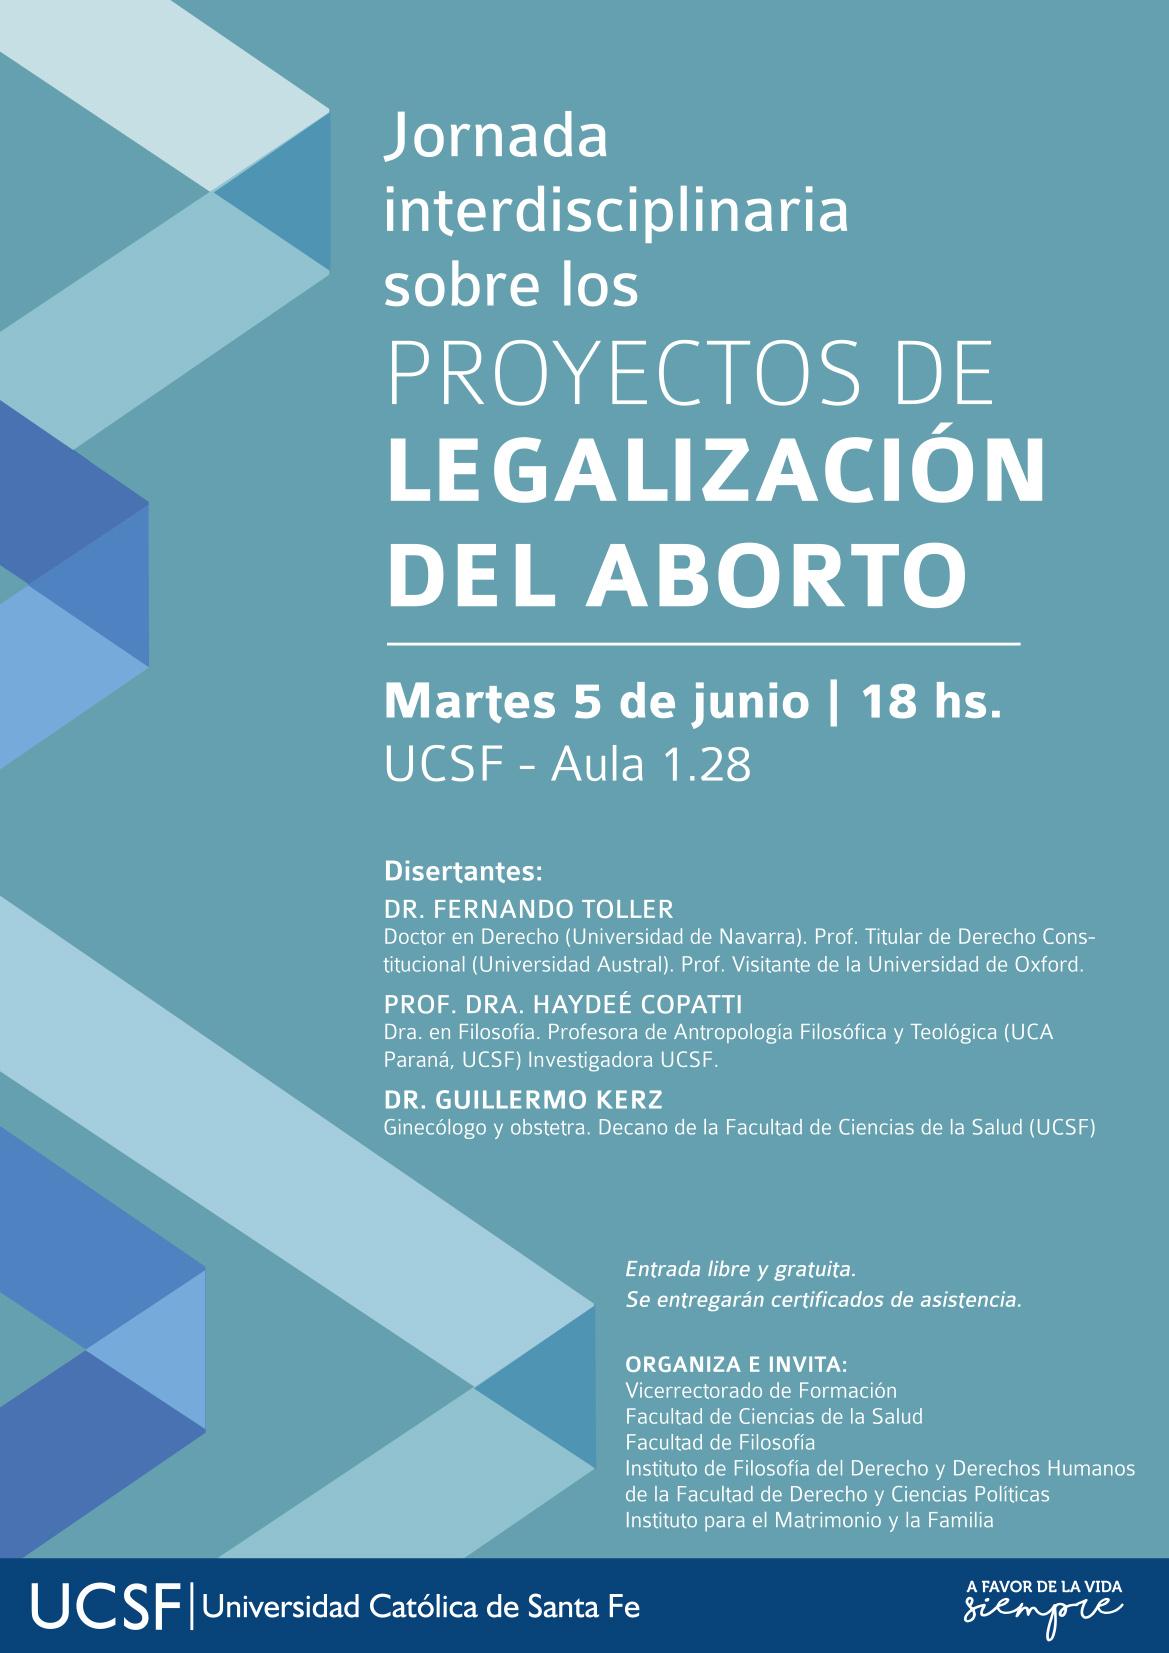 PROYECTOS DE LEGALIZACION DEL ABORTO